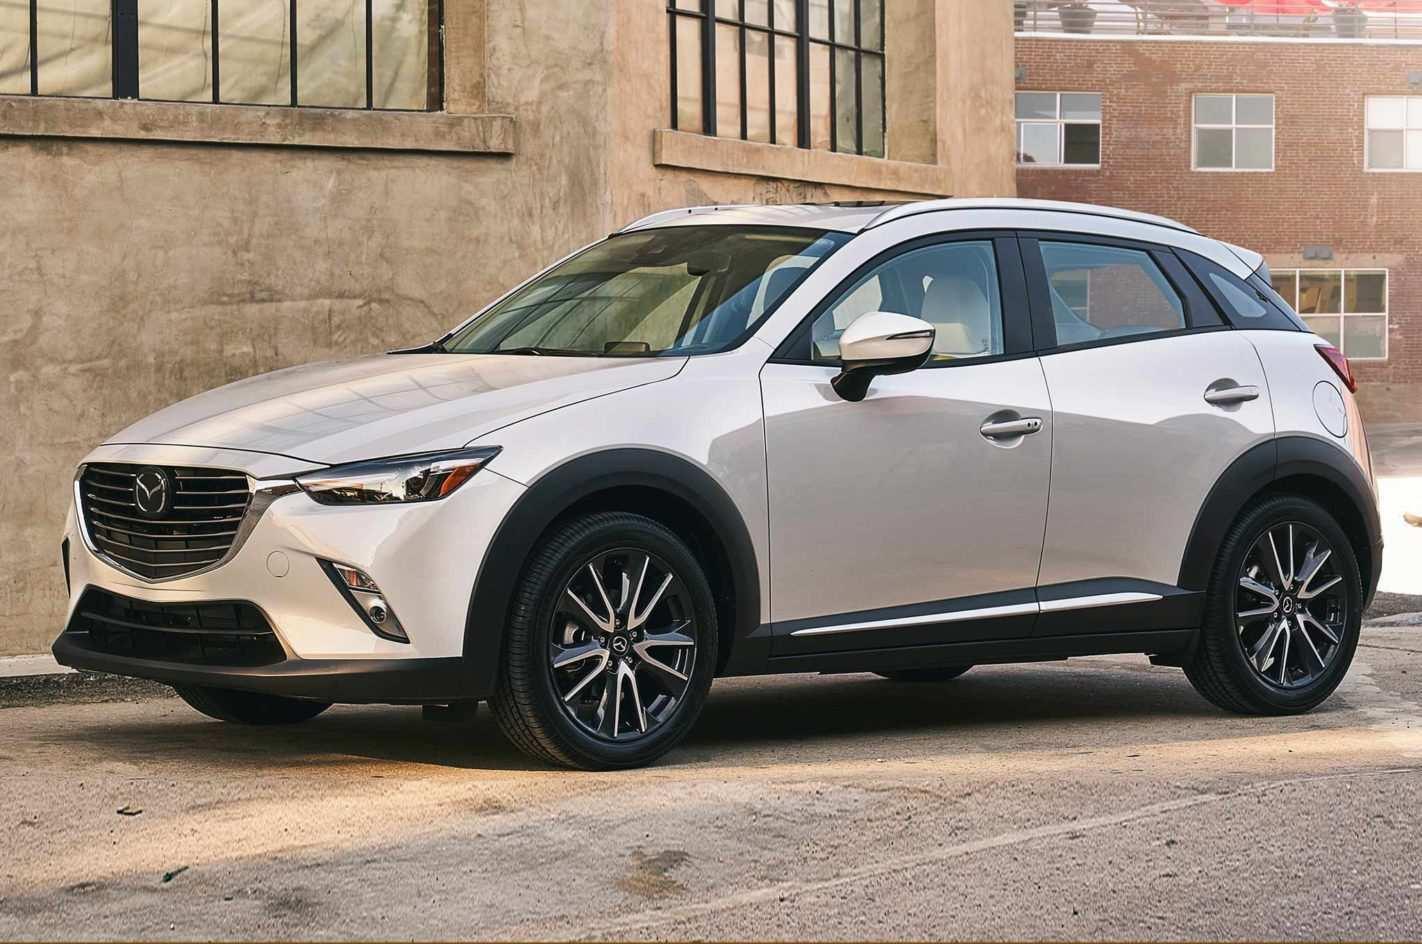 69 Gallery of New Precio Cx3 Mazda 2019 Rumors Picture for New Precio Cx3 Mazda 2019 Rumors